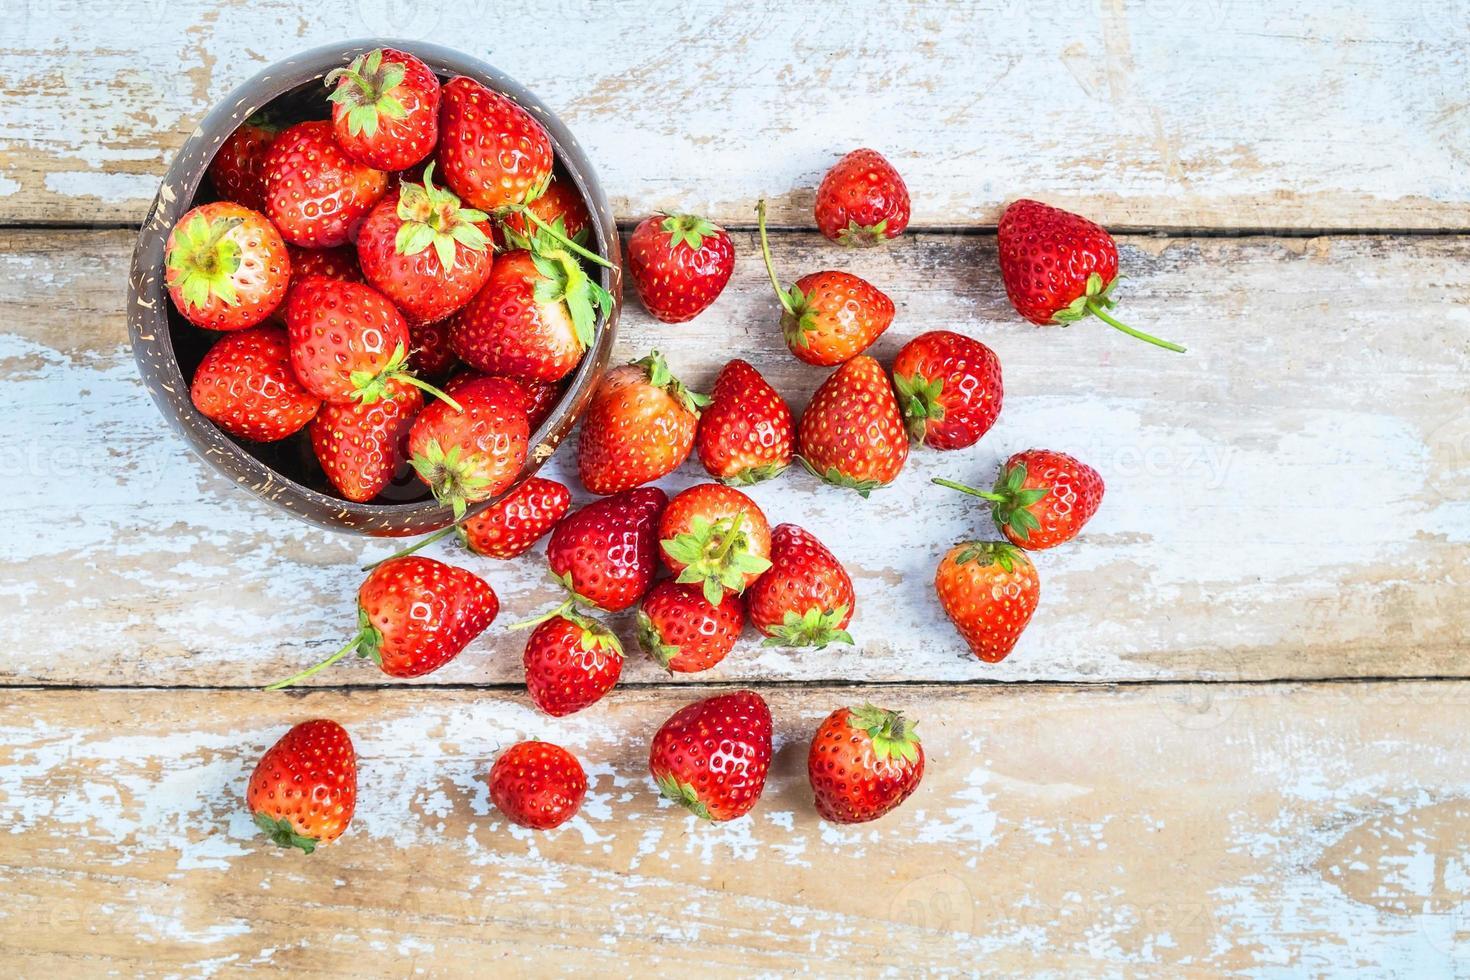 vue de dessus des fraises photo